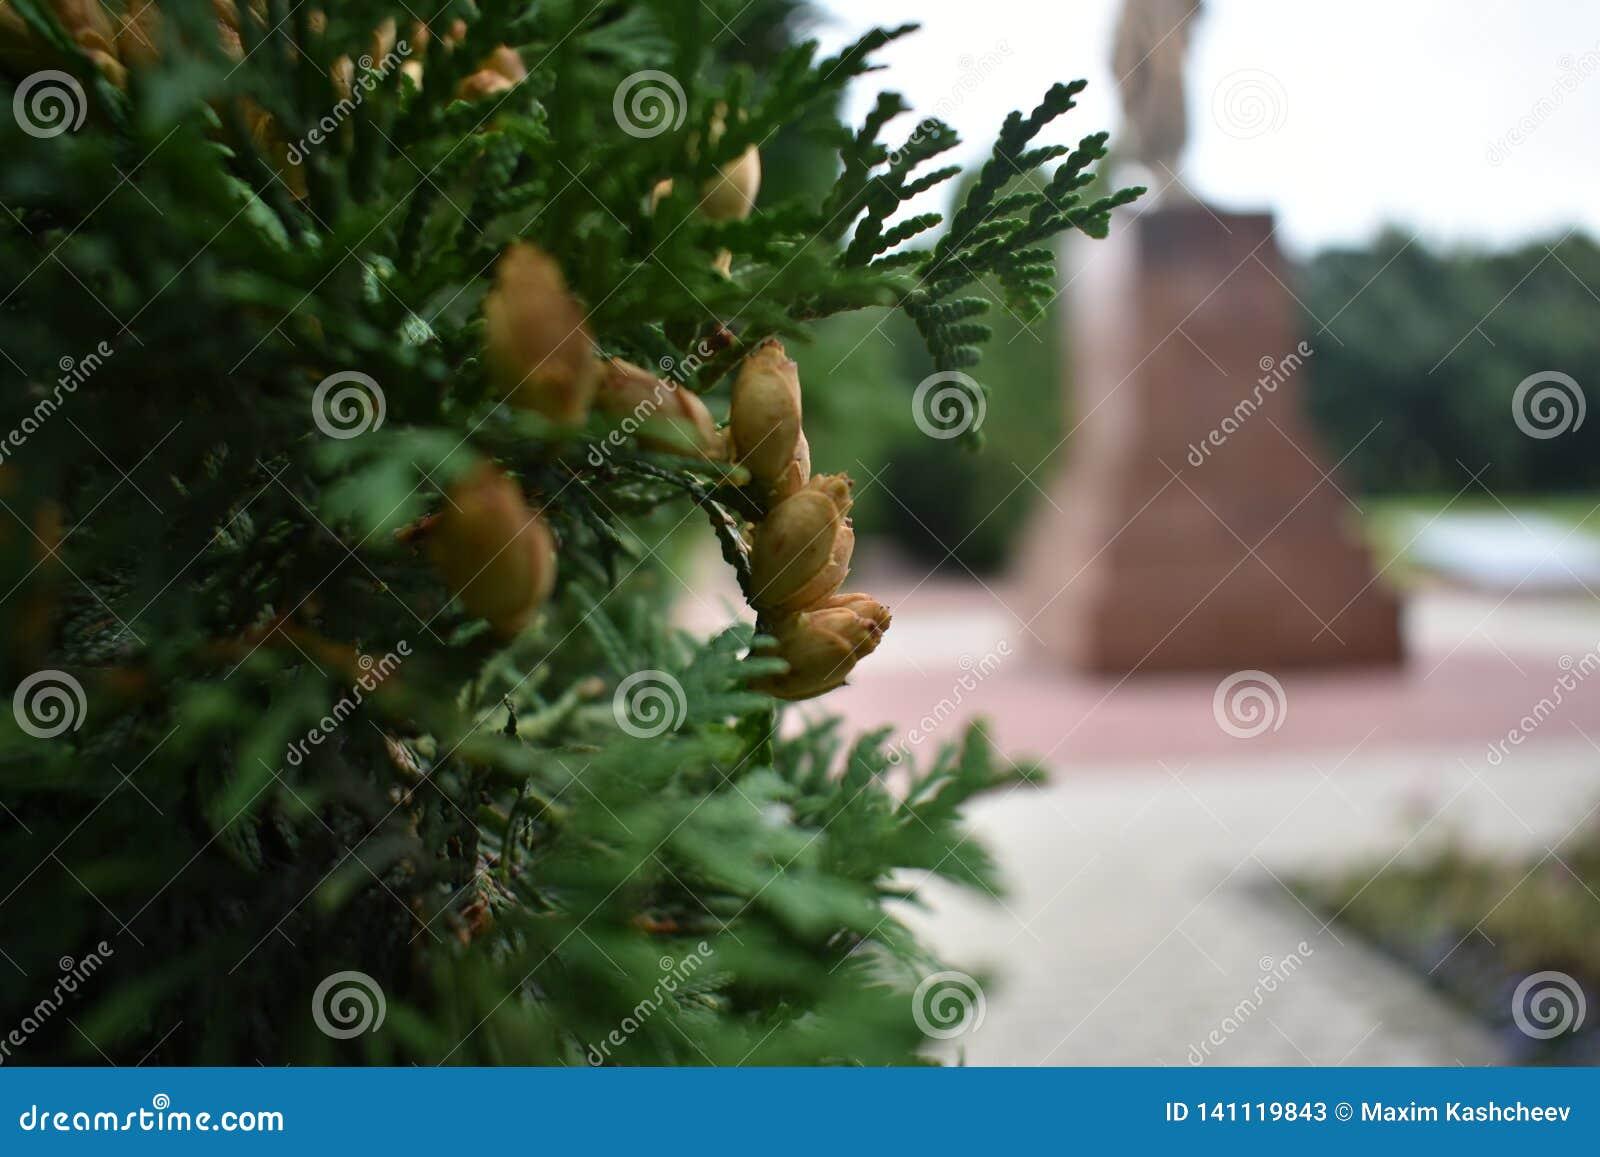 关闭生长在庭院里的年轻金钟柏常青灌木种子室外在夏天